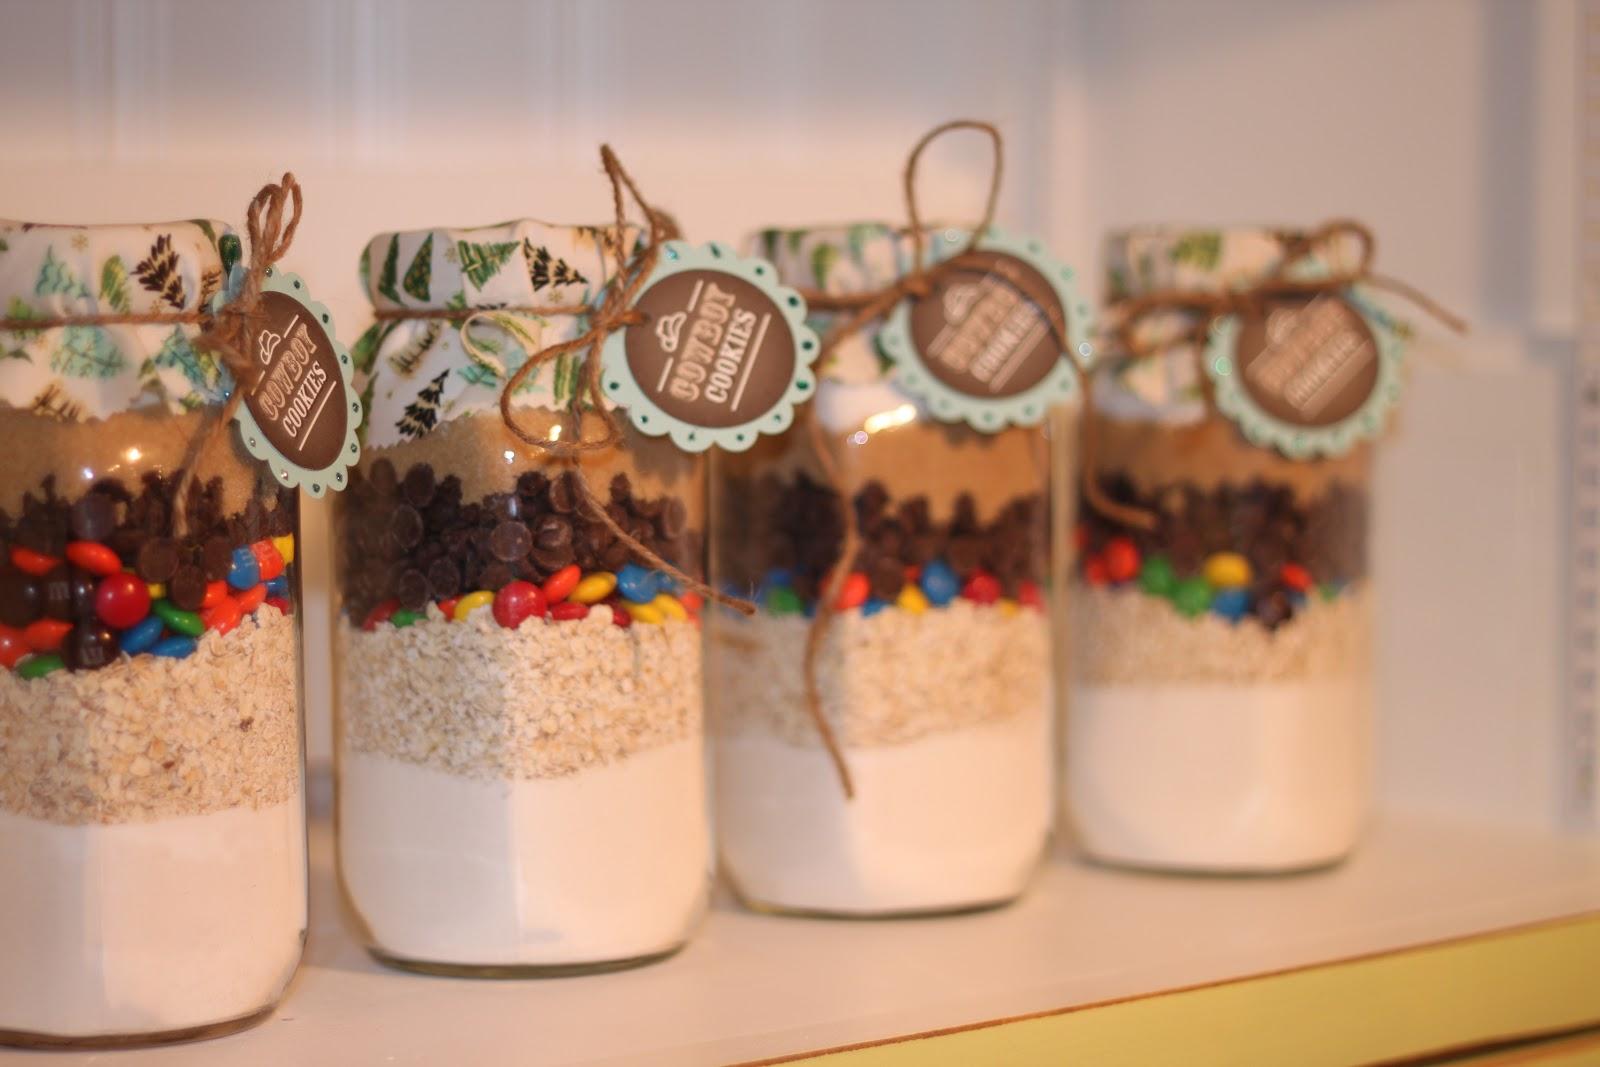 STAMP STITCH CREATE: Cookies/Hot Chocolate in a jar